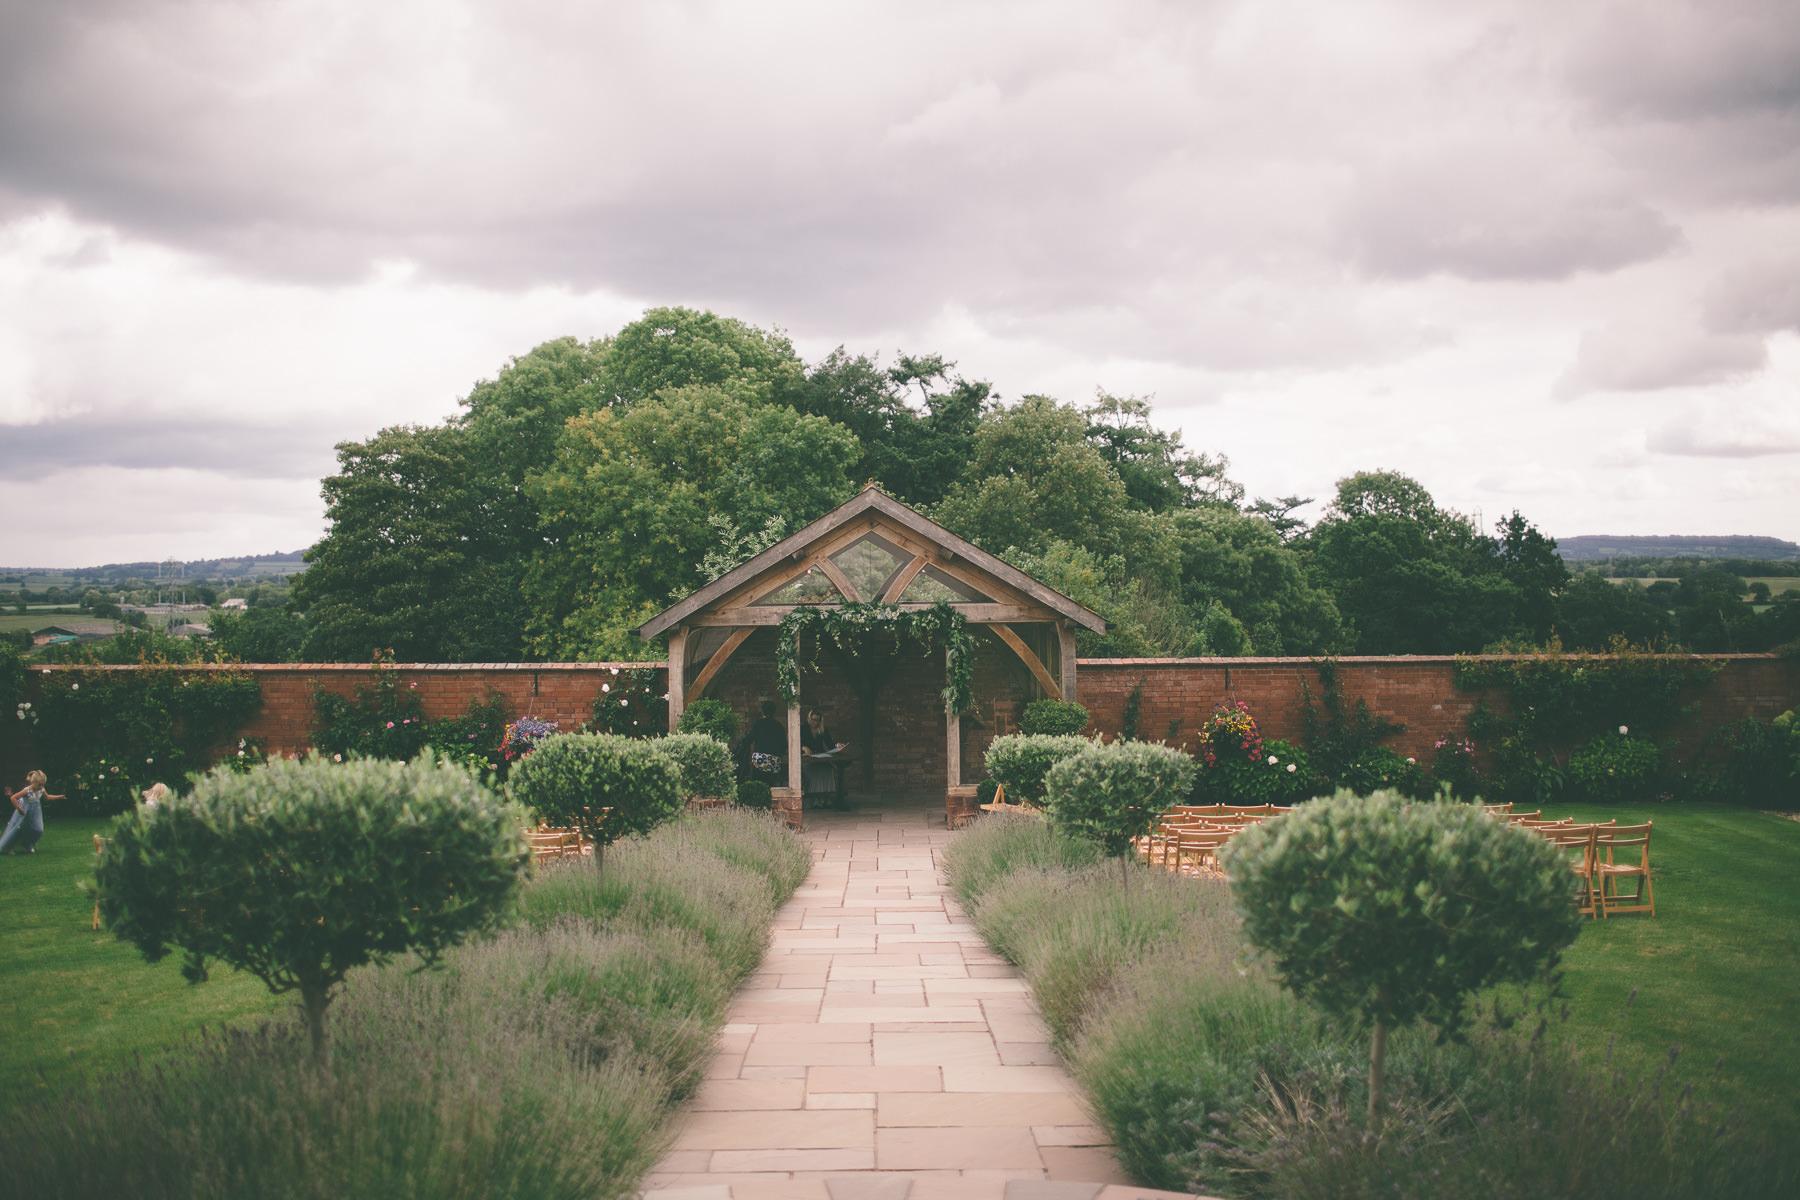 upton-barn-walled-garden-devon-wedding-photography-111